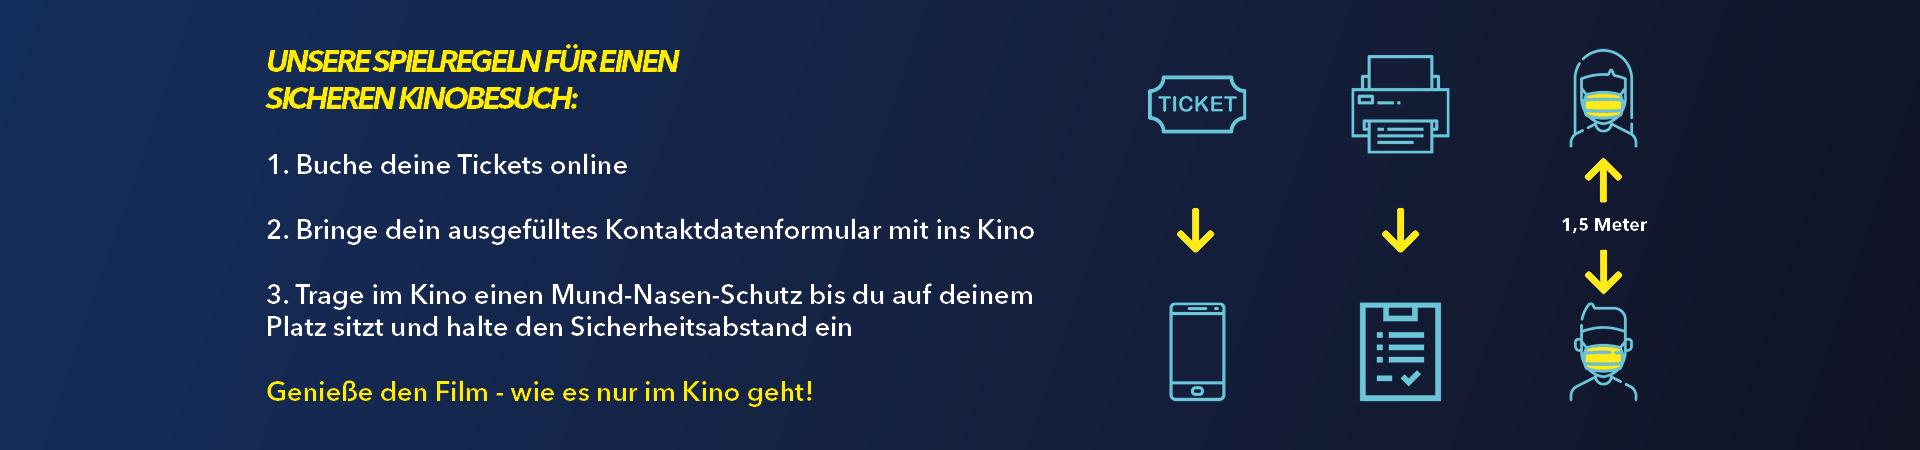 Uci Kino Wandsbek Programm